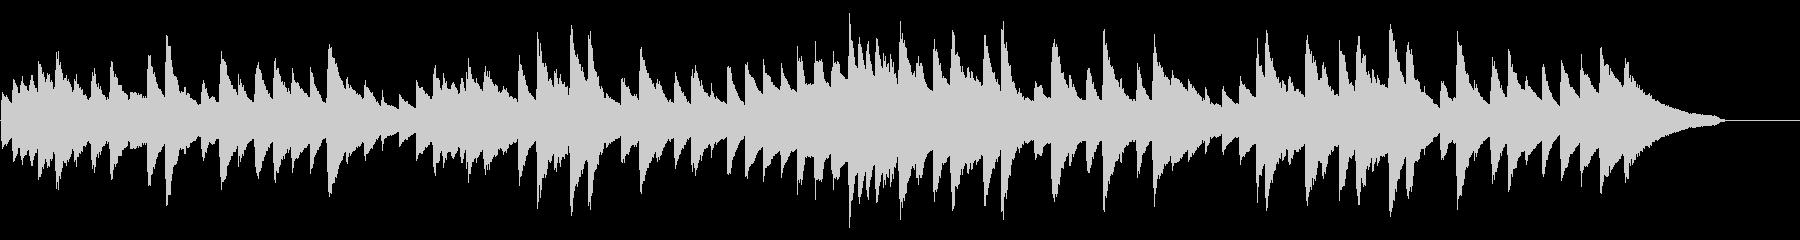 雨音をイメージした旋律のピアノソロの未再生の波形